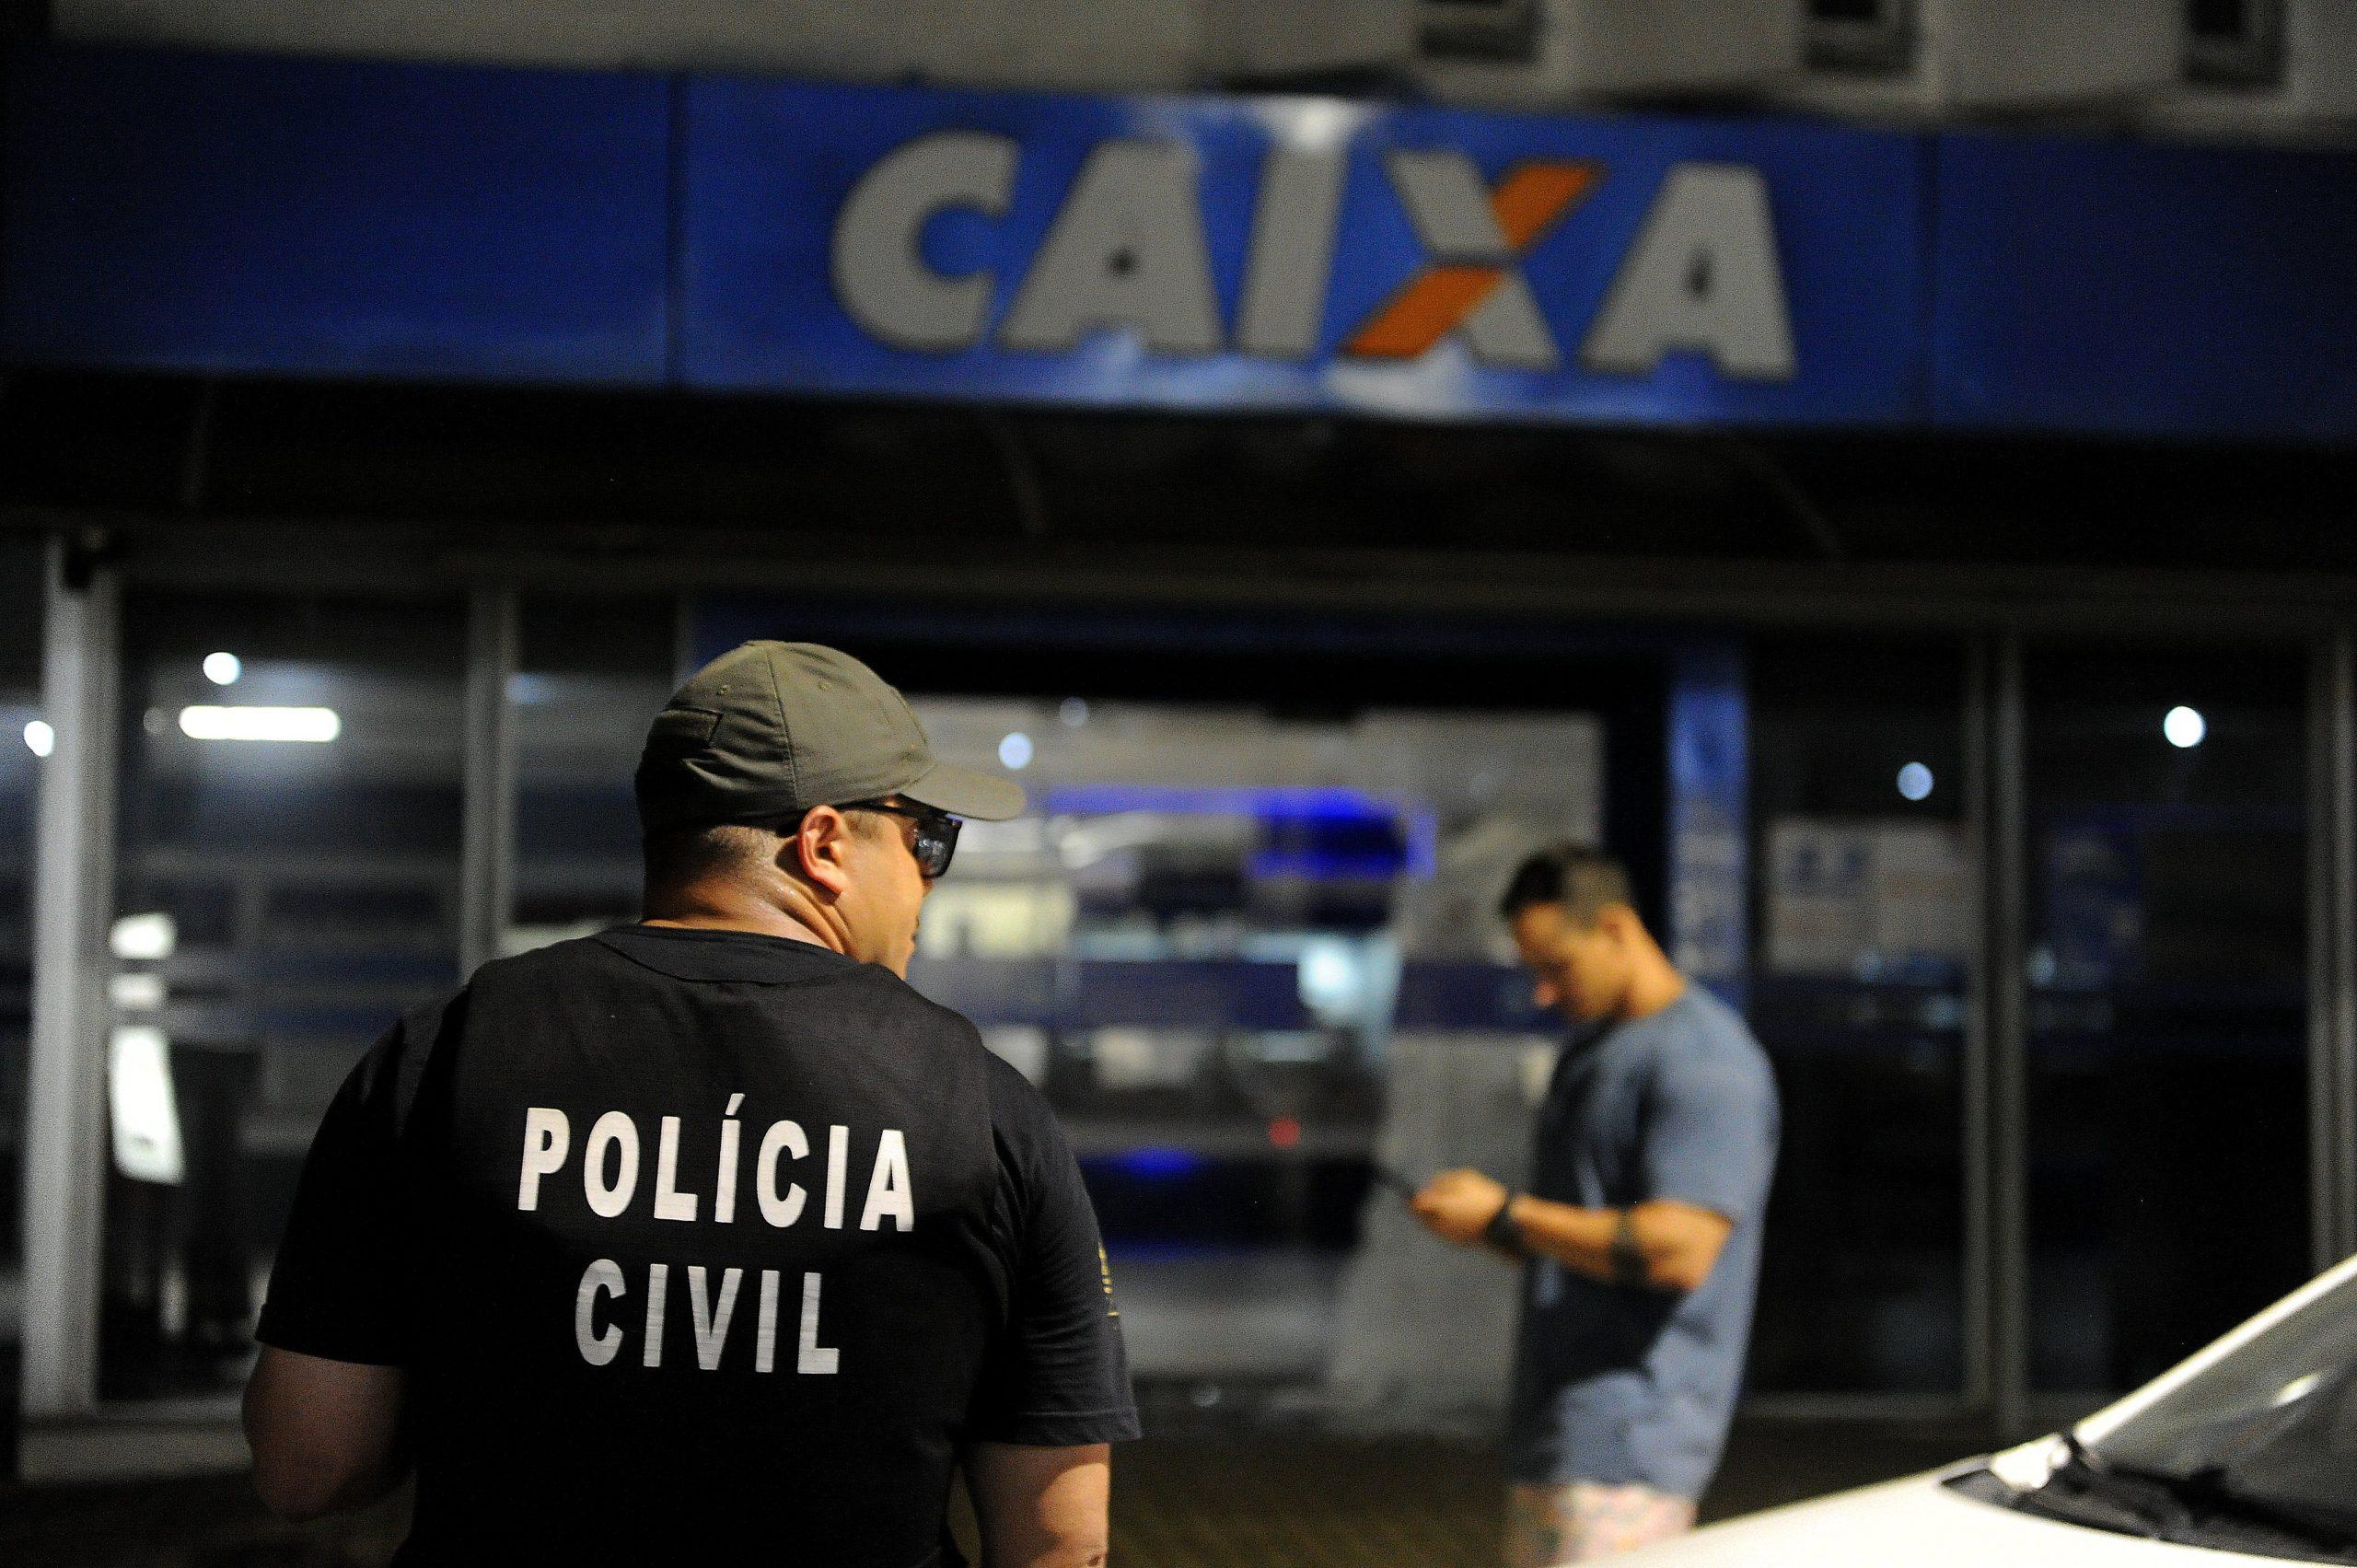 Assalto em Criciuma